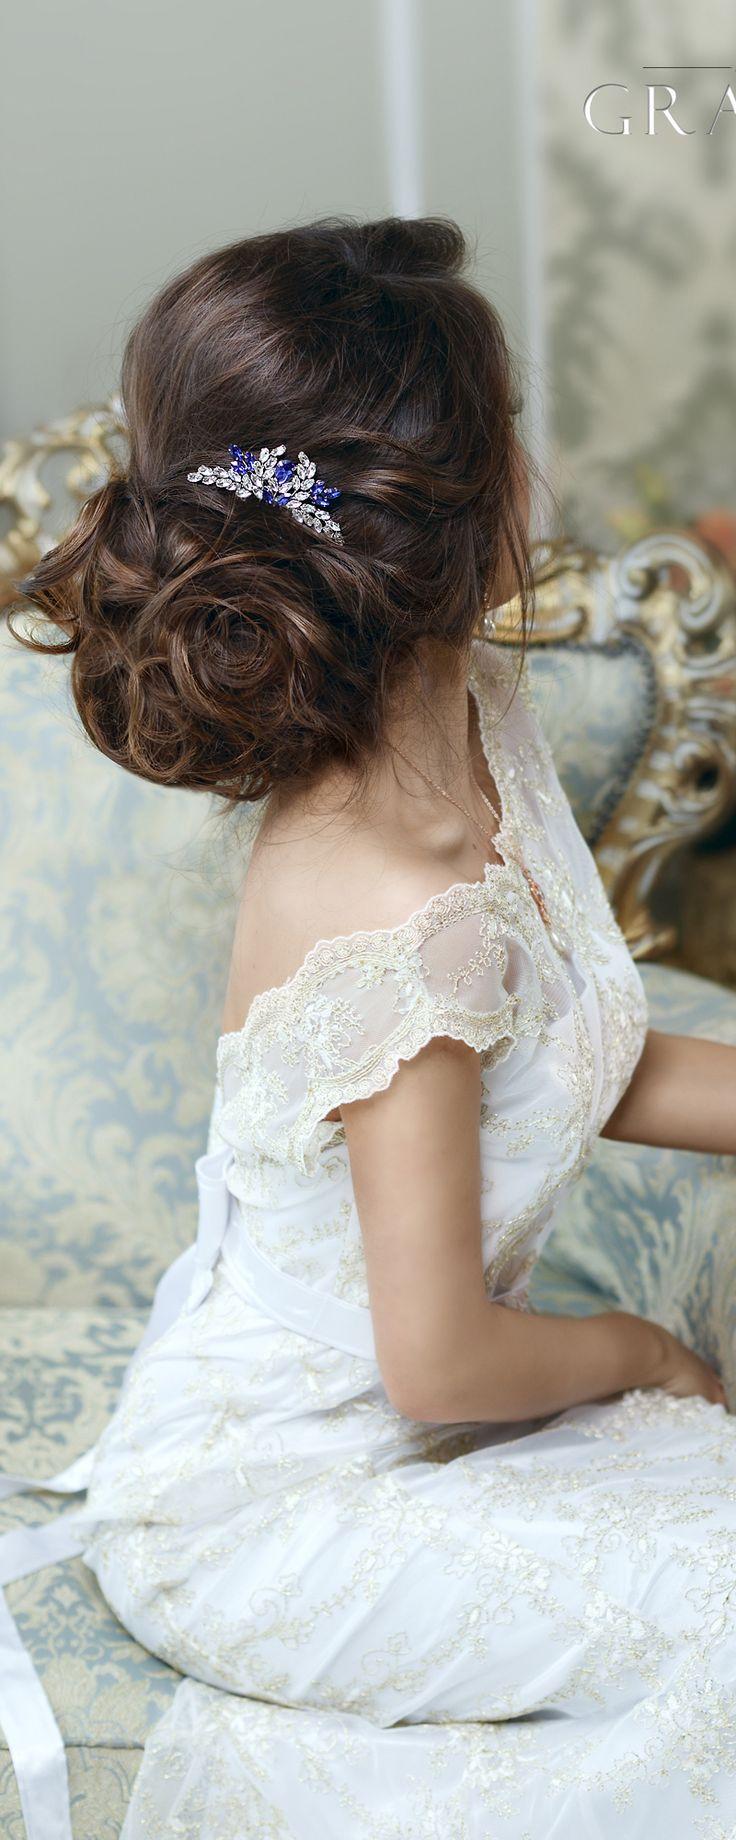 Crystal wedding hair comb